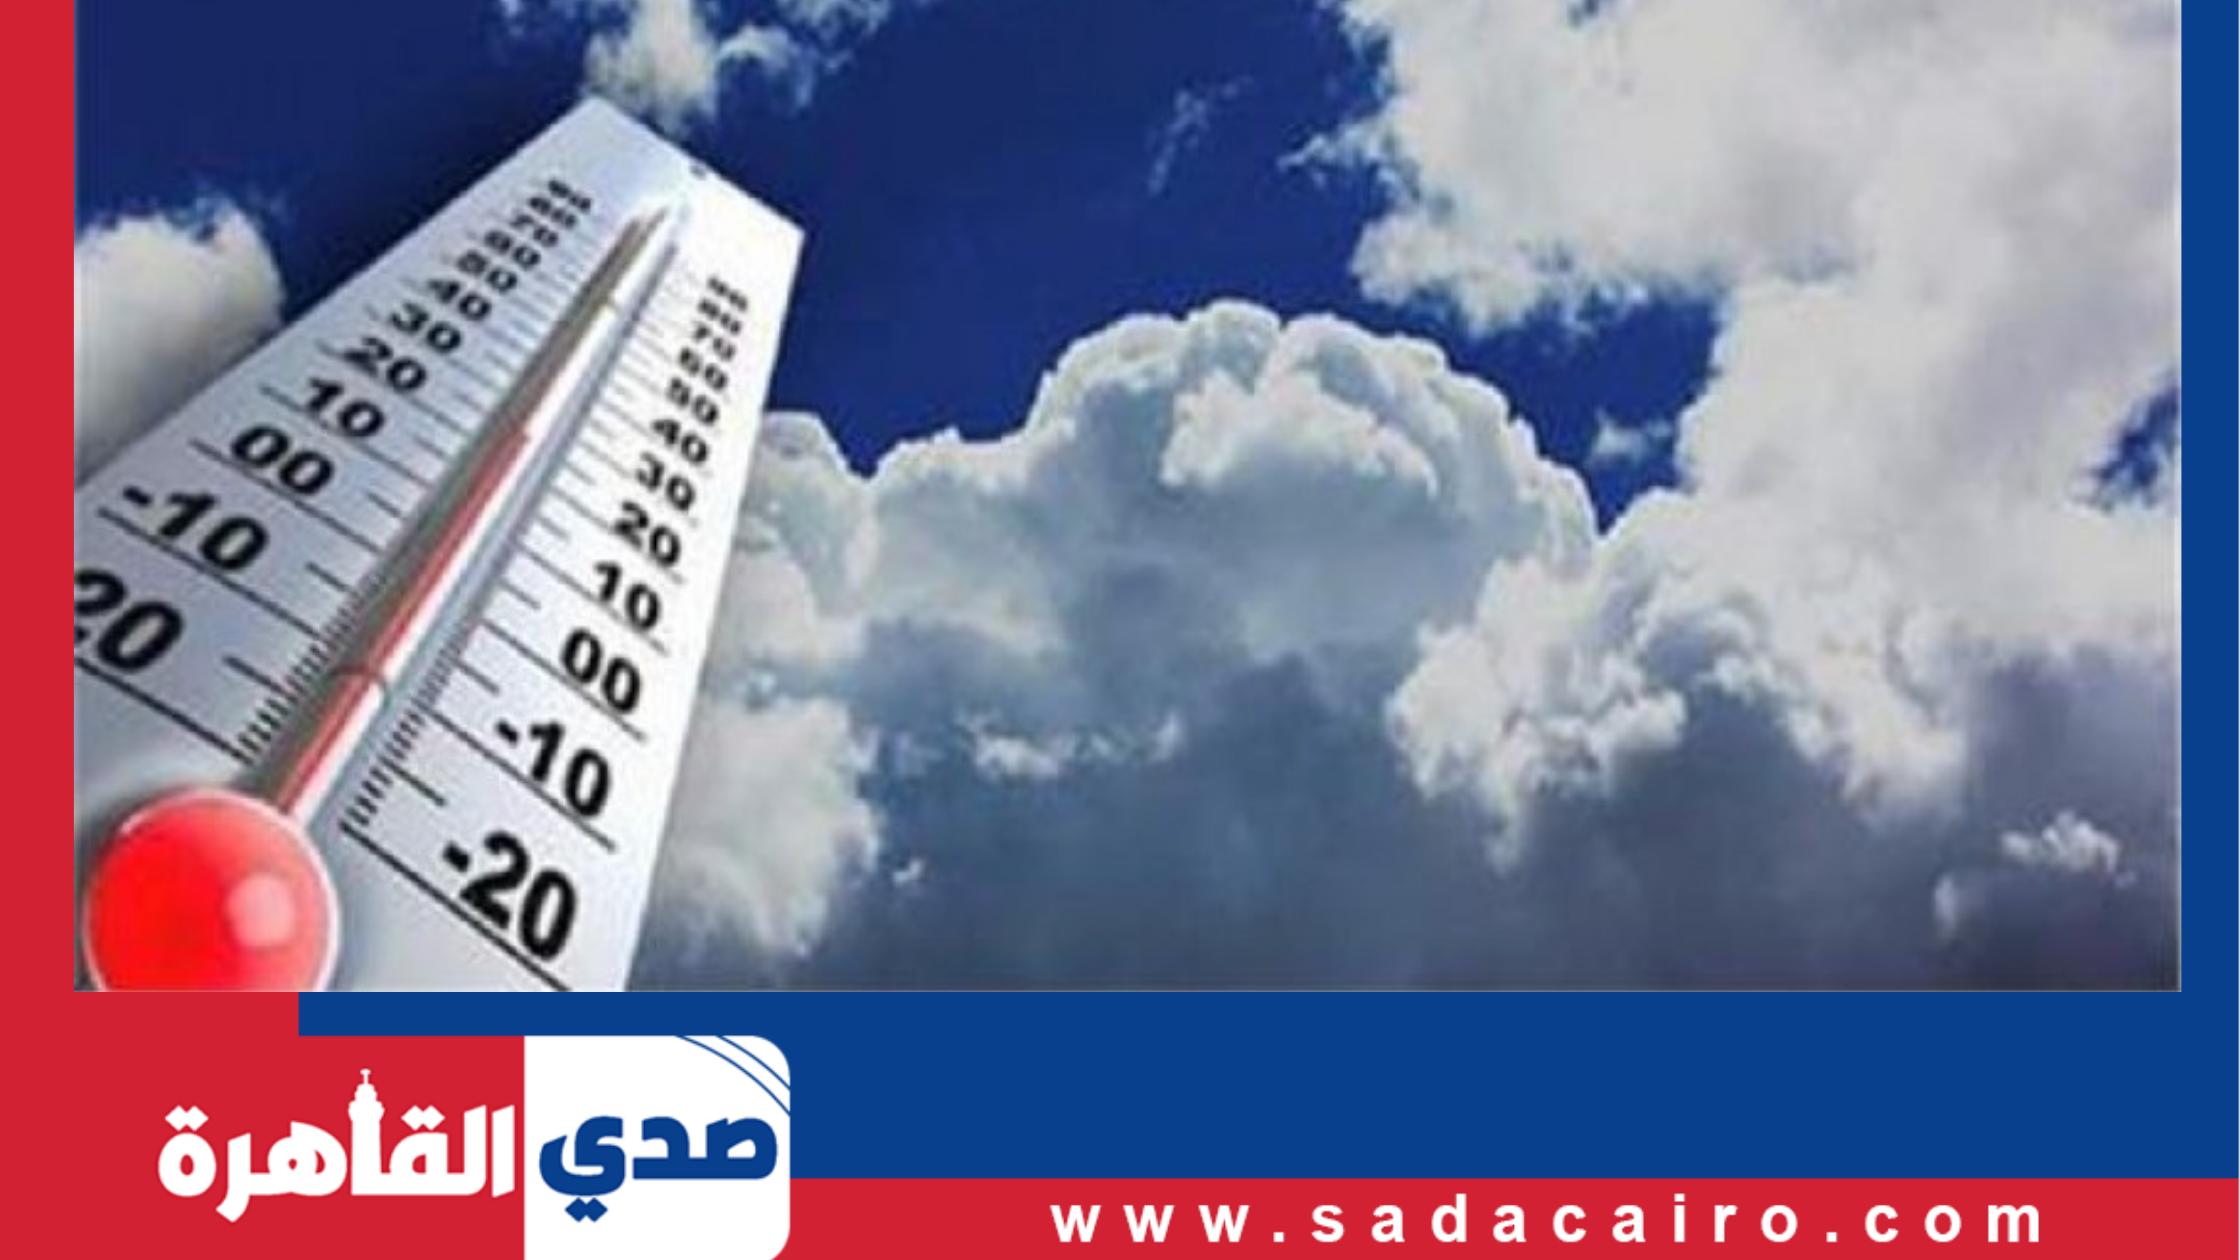 الهيئة العامة للأرصاد تكشف حالة الطقس خلال الساعات القادمة